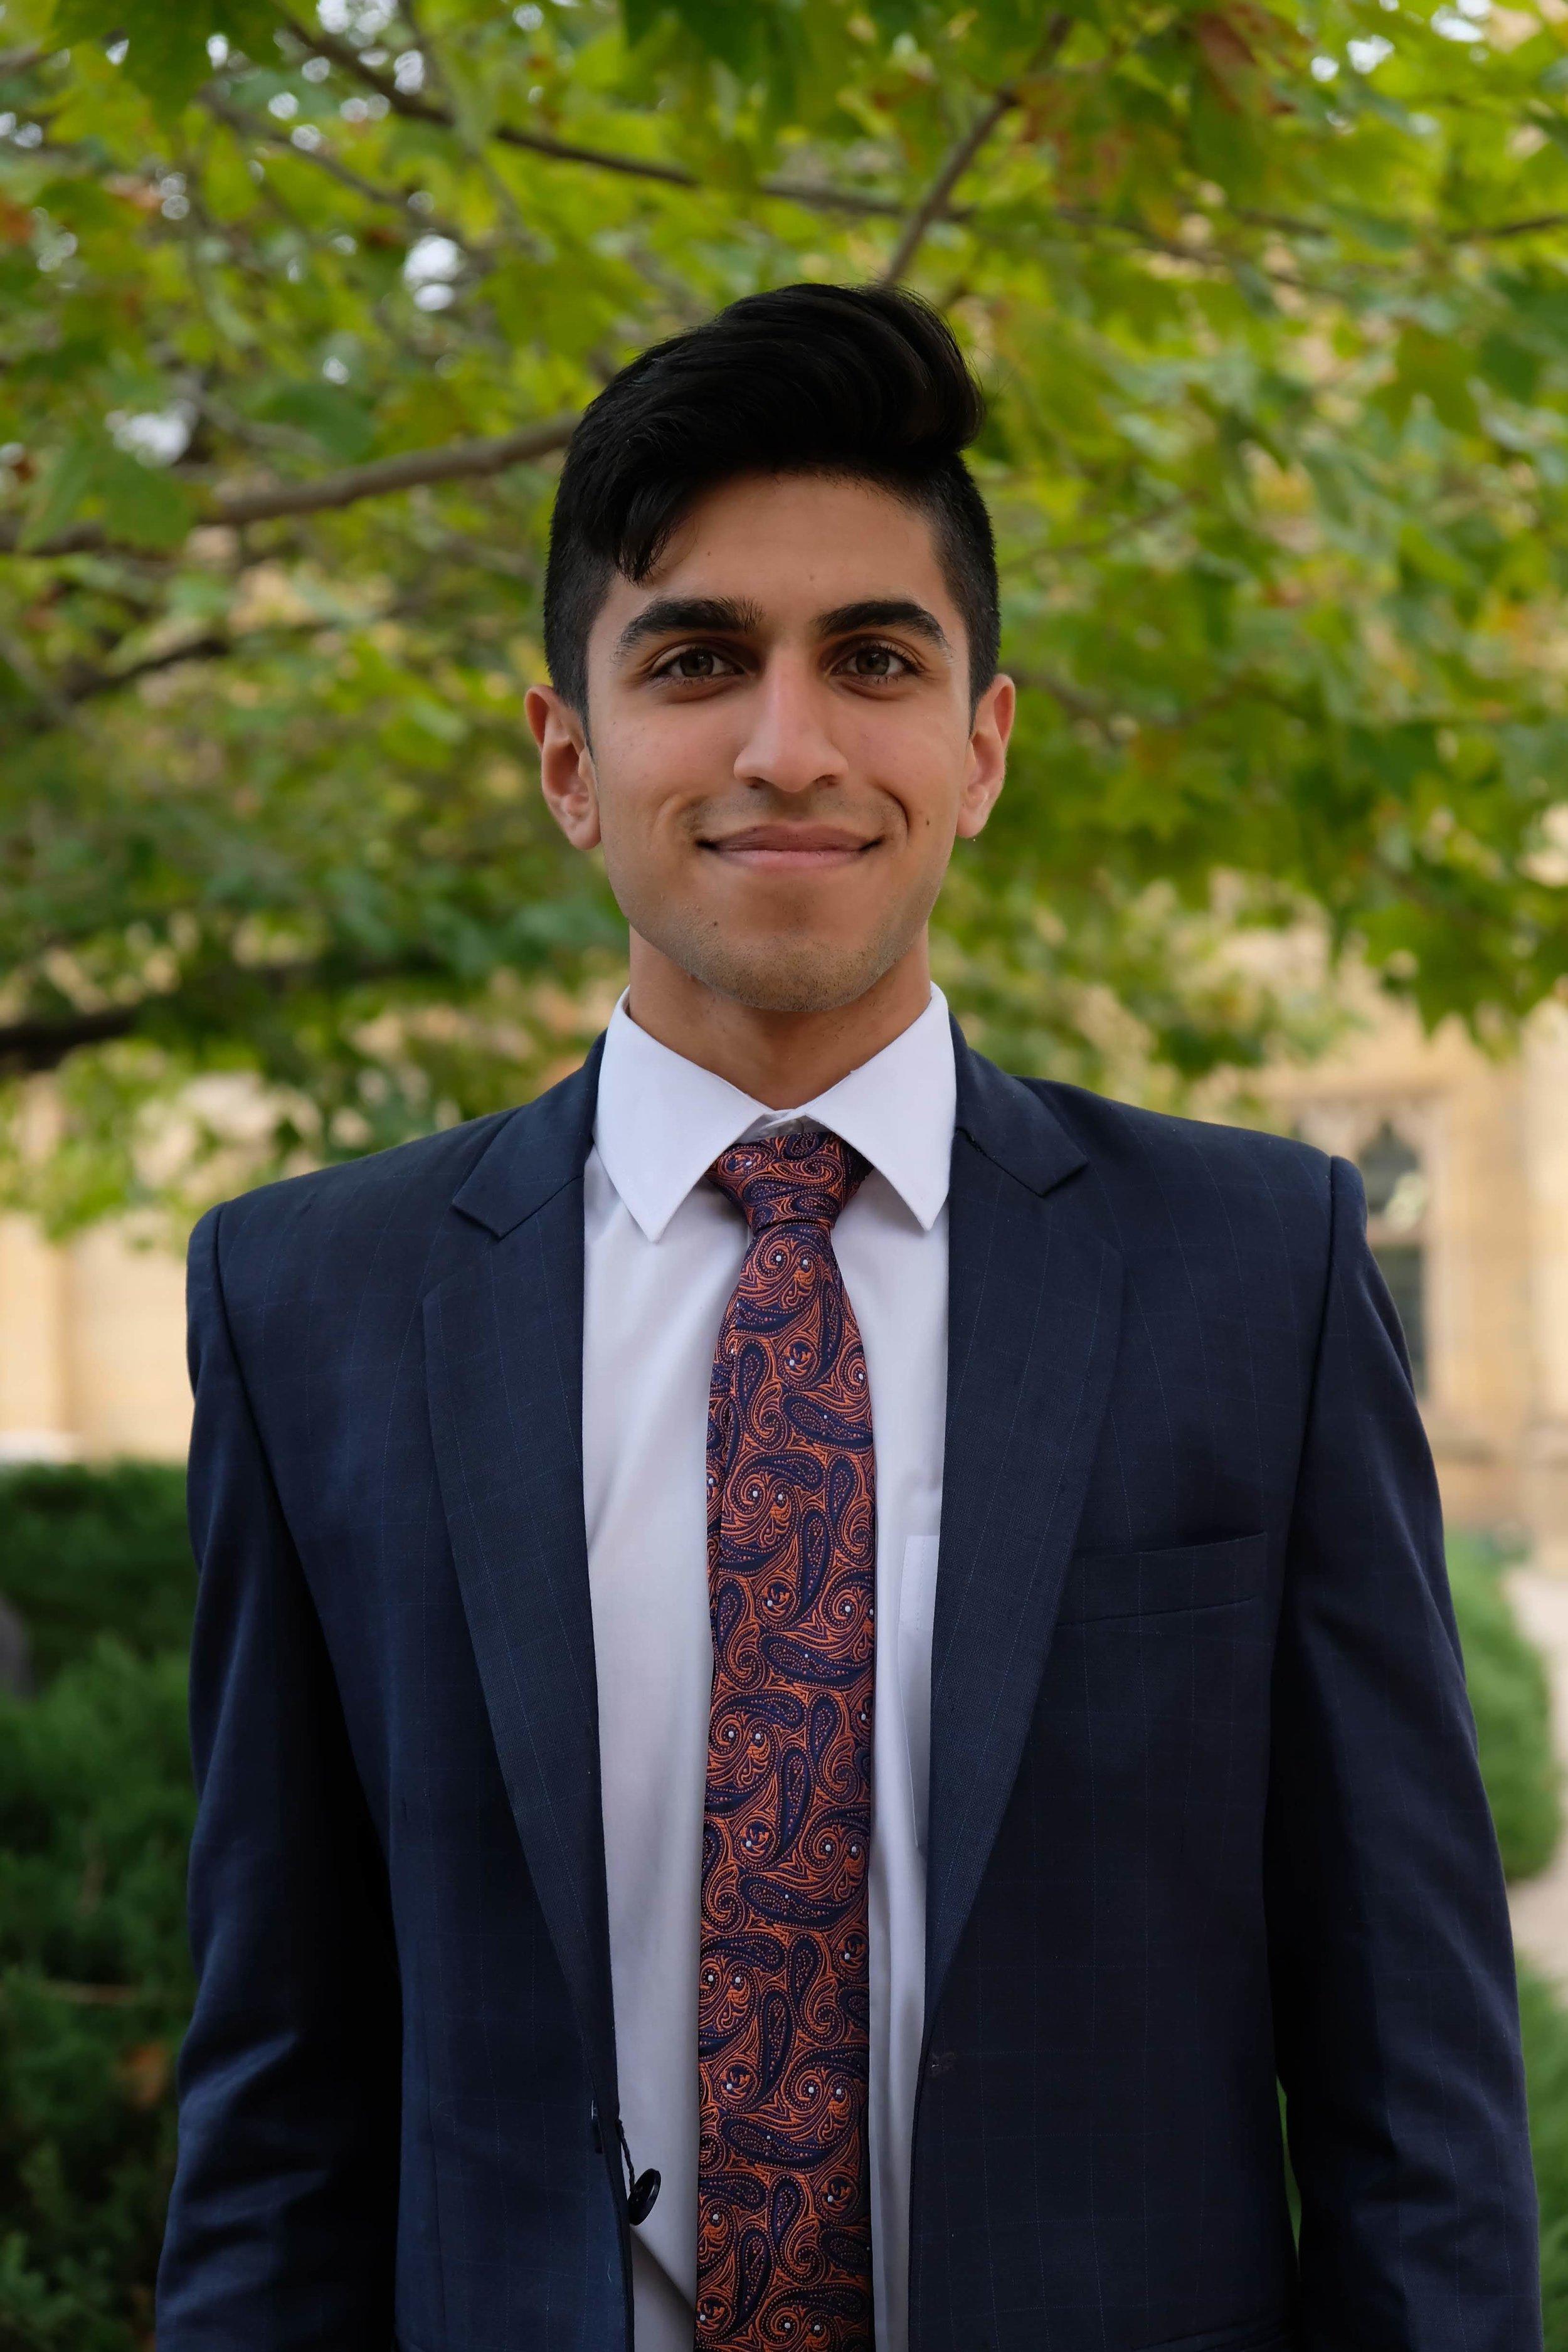 Sehaj Garcha - Finance Officer